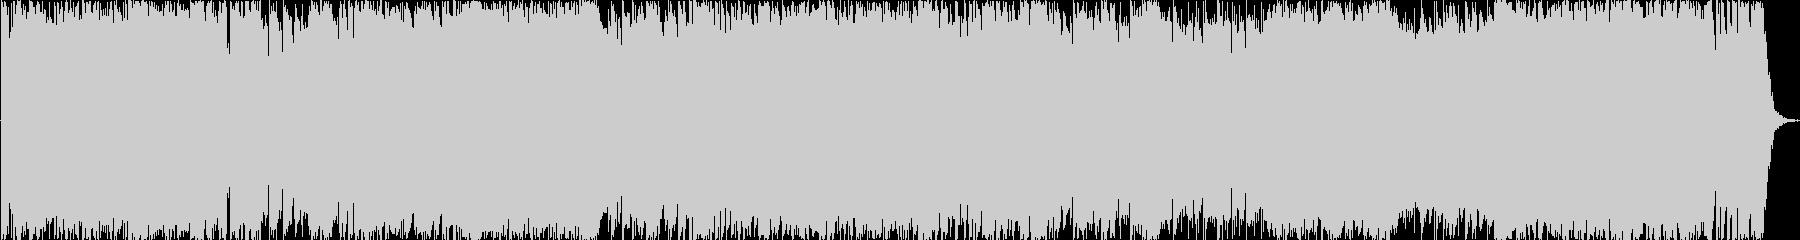 ダークファンタジーオーケストラ戦闘曲44の未再生の波形